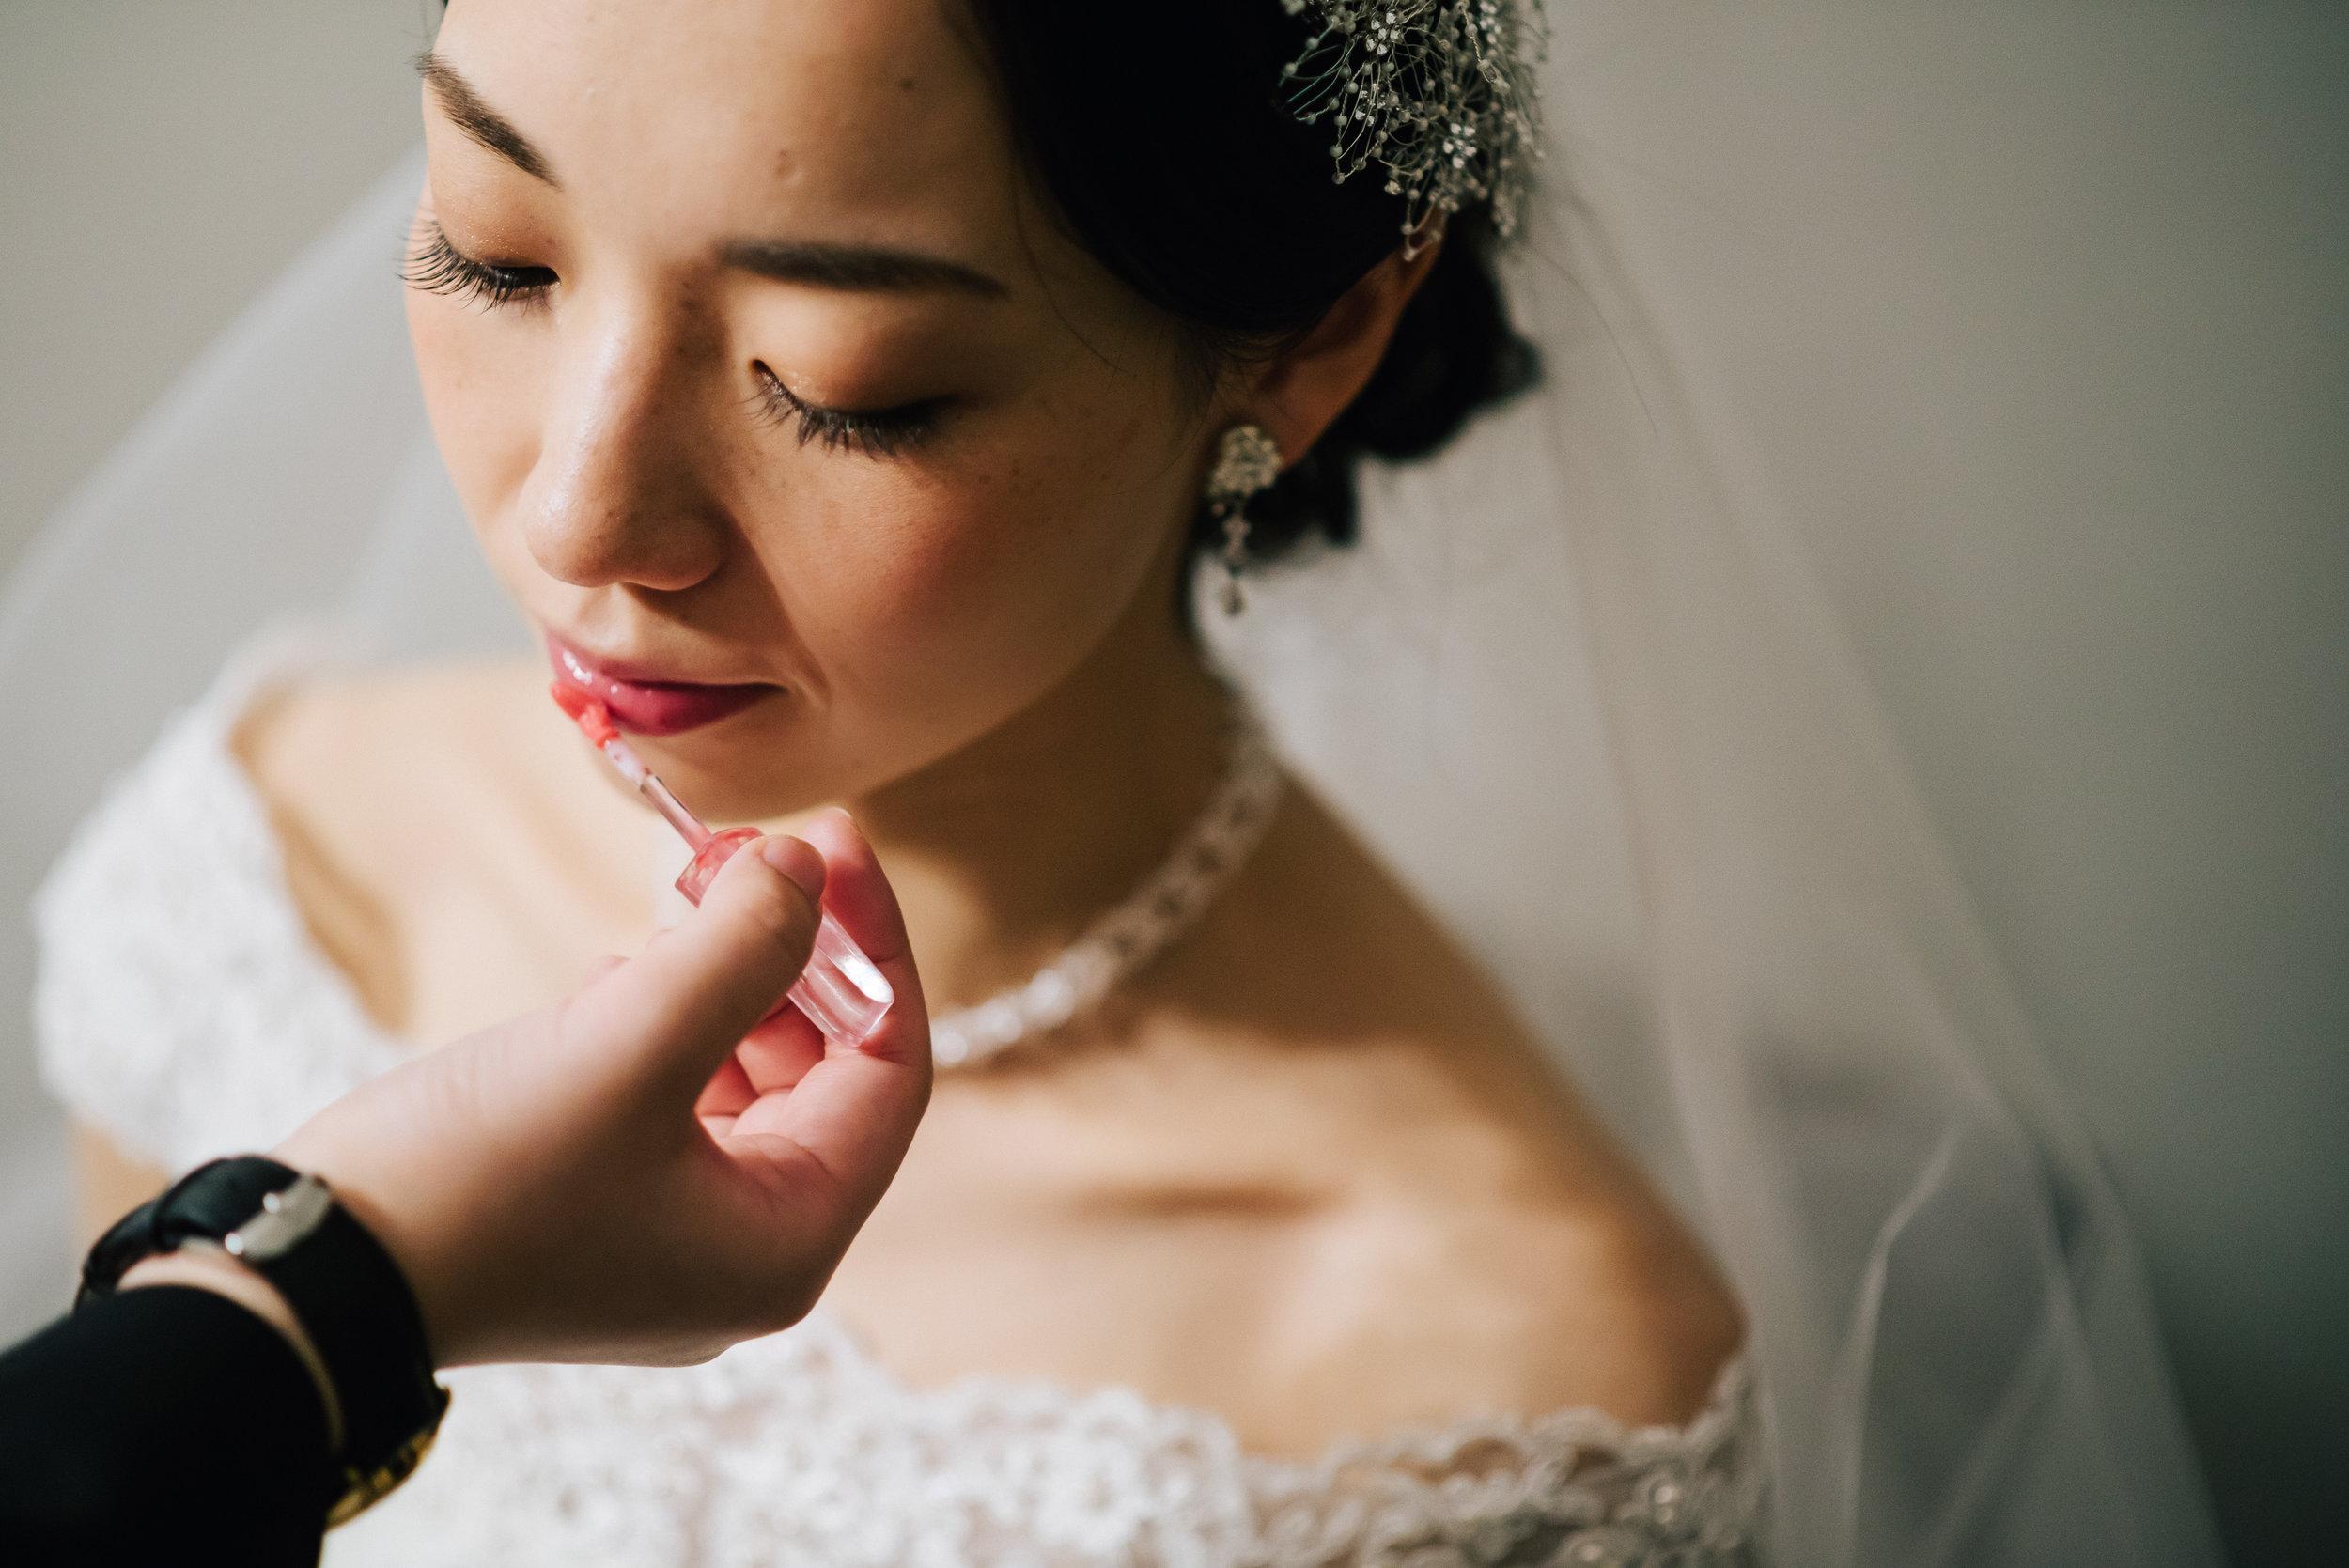 ルリエ ラシックアンジュール 結婚式撮影0035.jpg